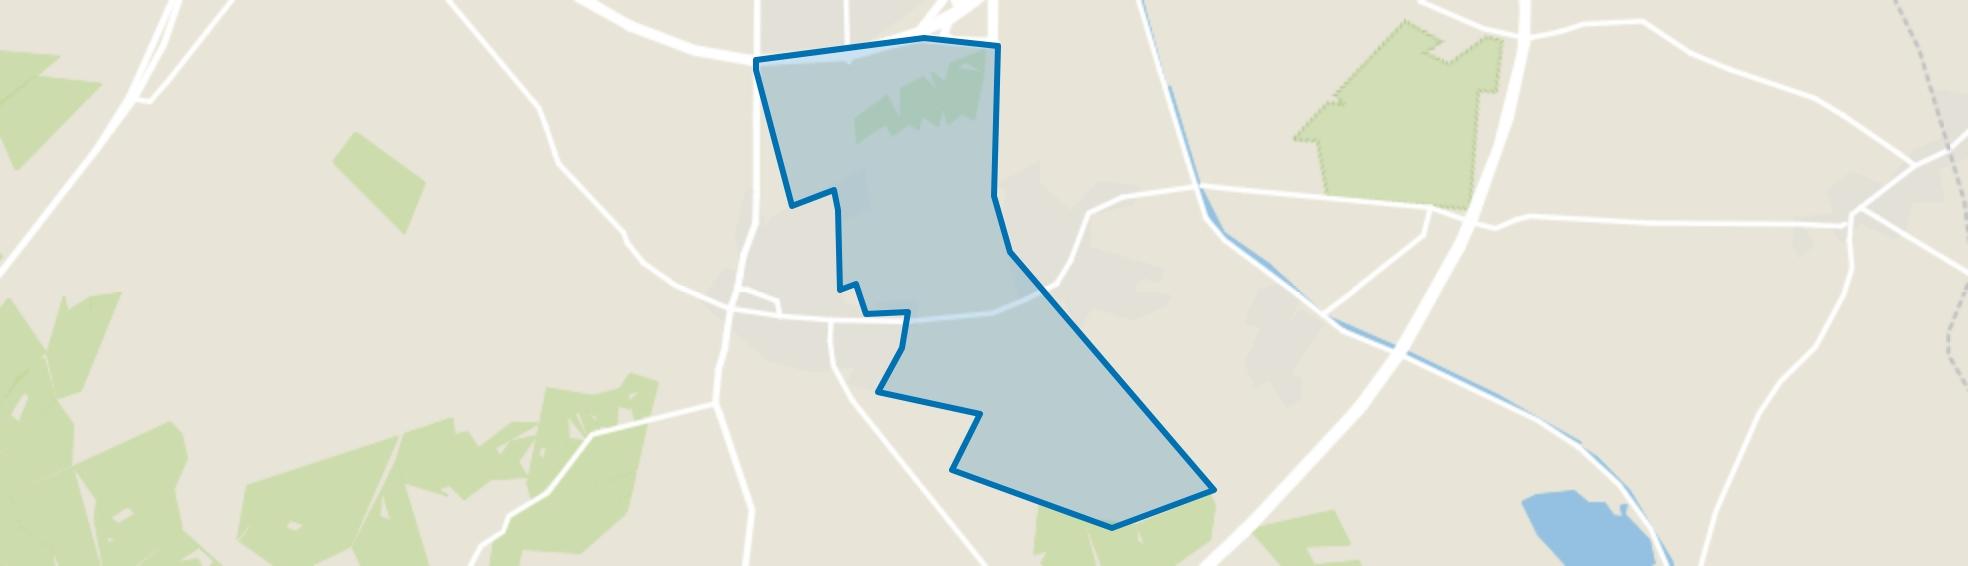 Agrarisch gebied Beekbergen, Beekbergen map